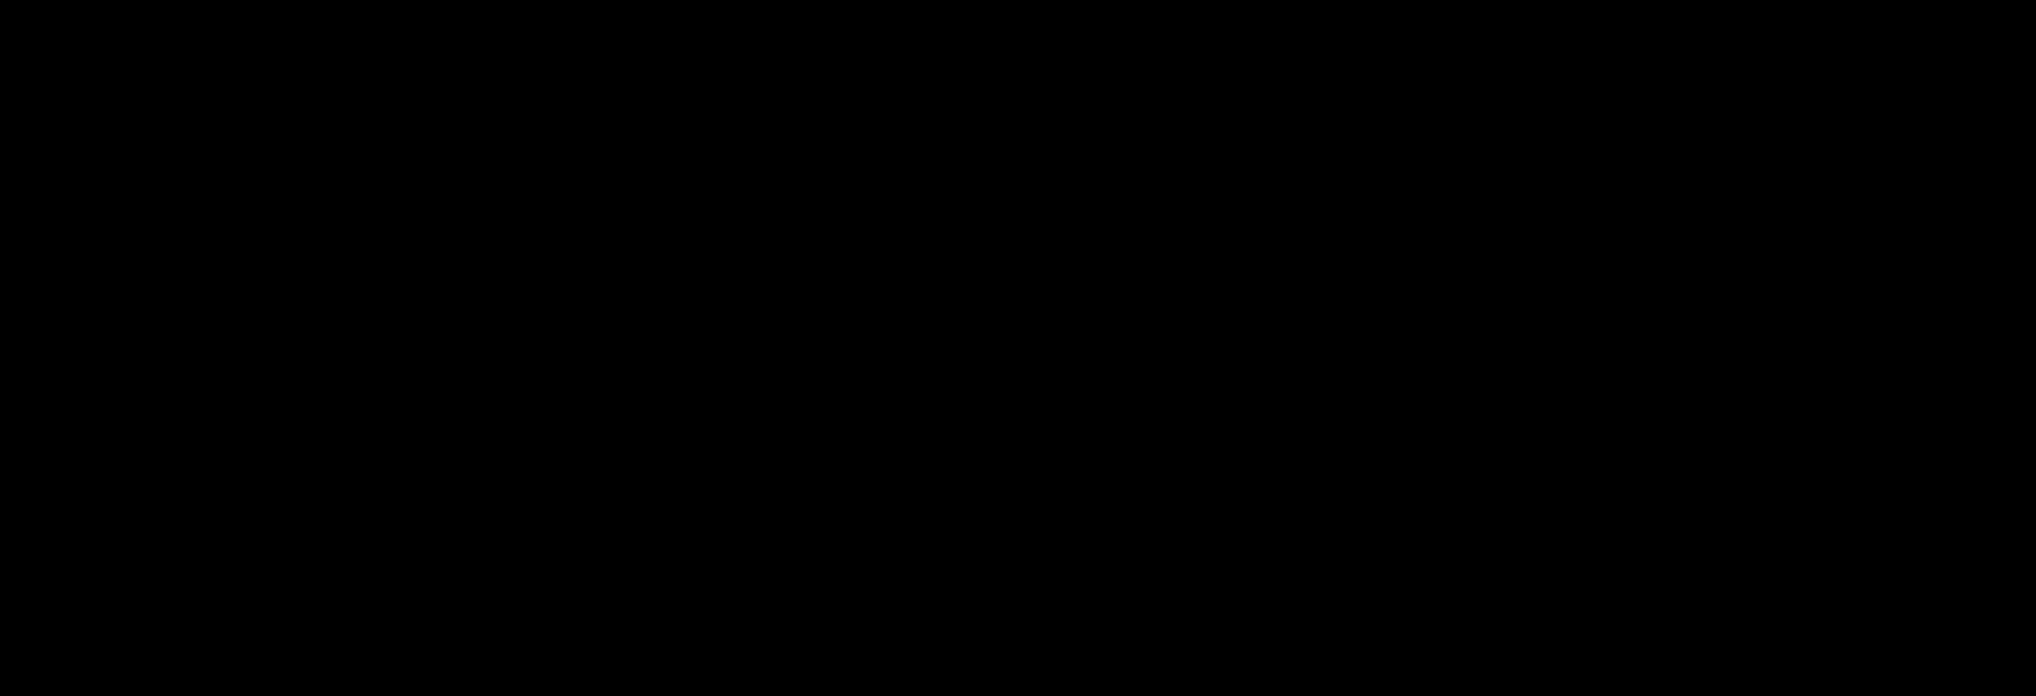 Olvanil